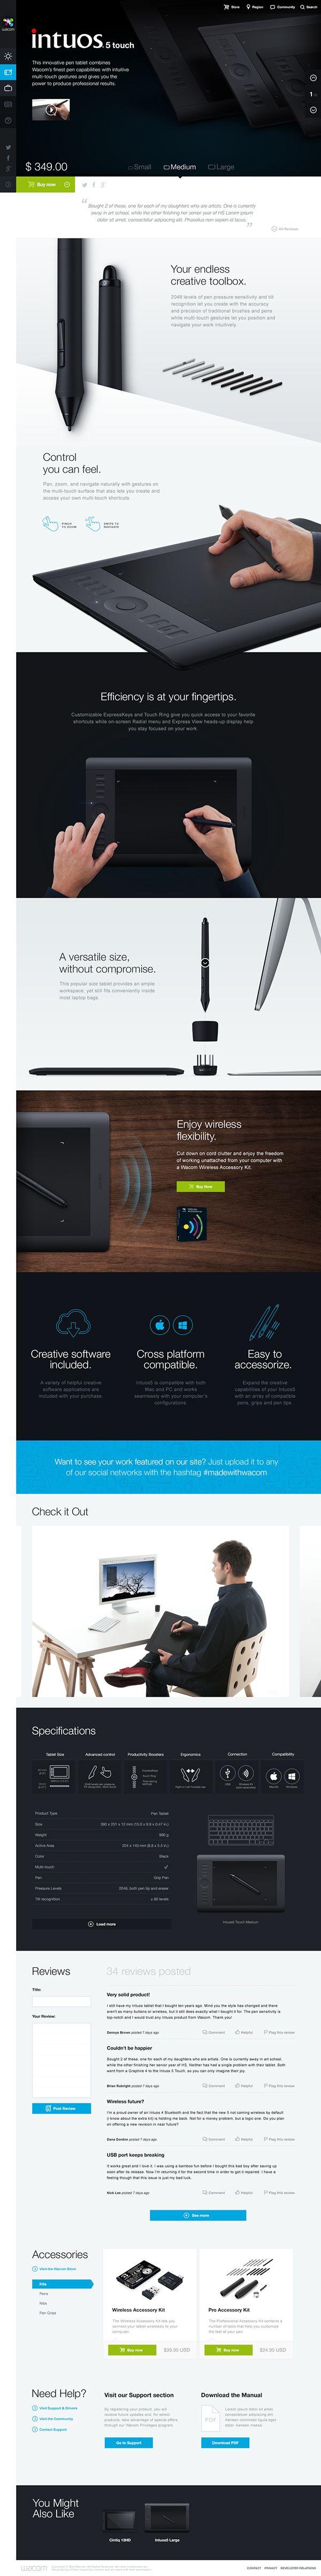 Wacom.com Re-Design by Tobias van Schneider, via Behance